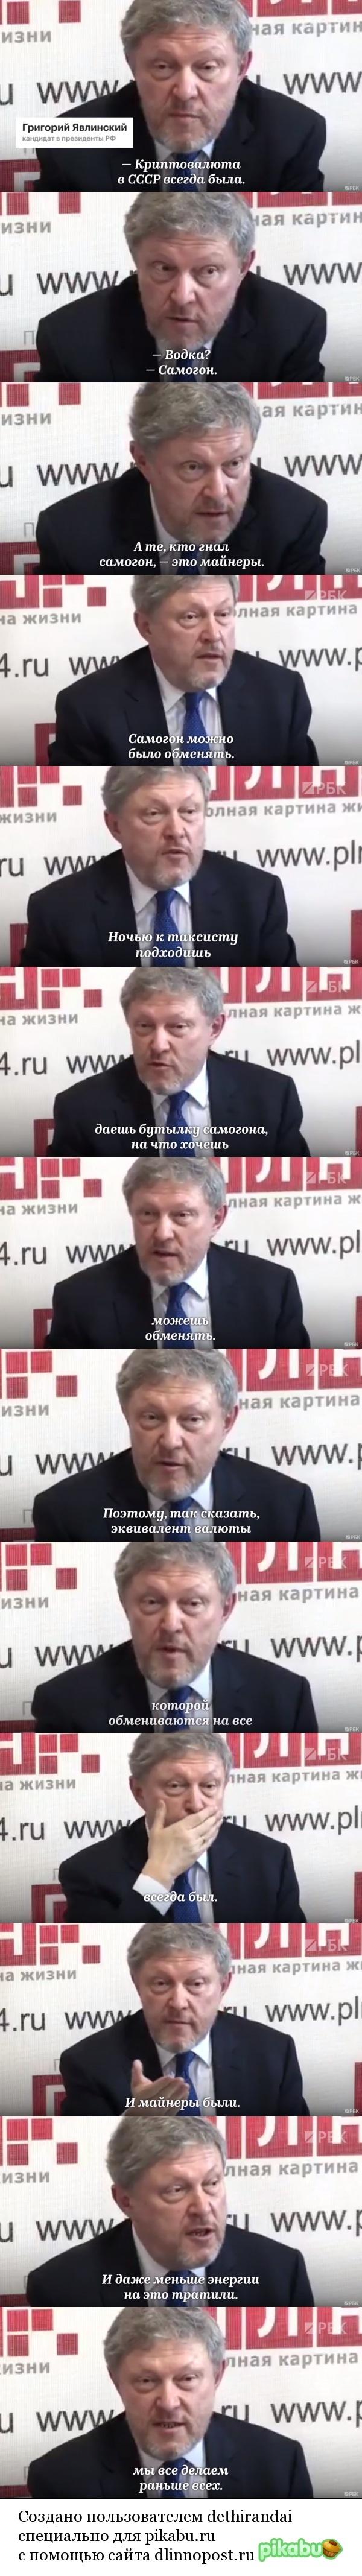 Майнеры и крипта Криптовалюта, Явлинский, Длиннопост